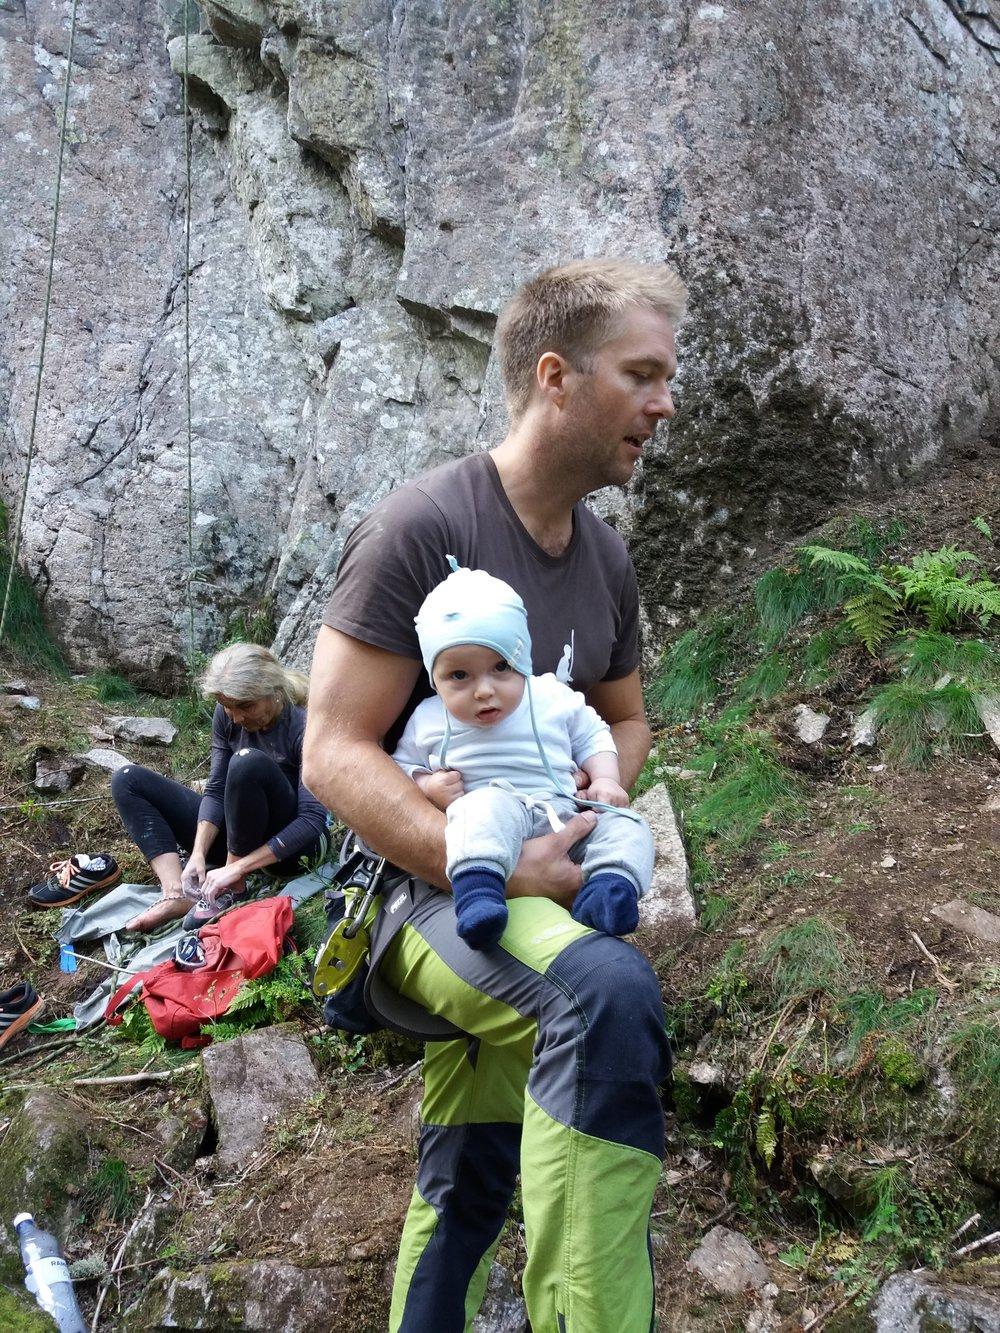 Både store og små klatrere besøkte arrangementet på Den Skjulte Veggen